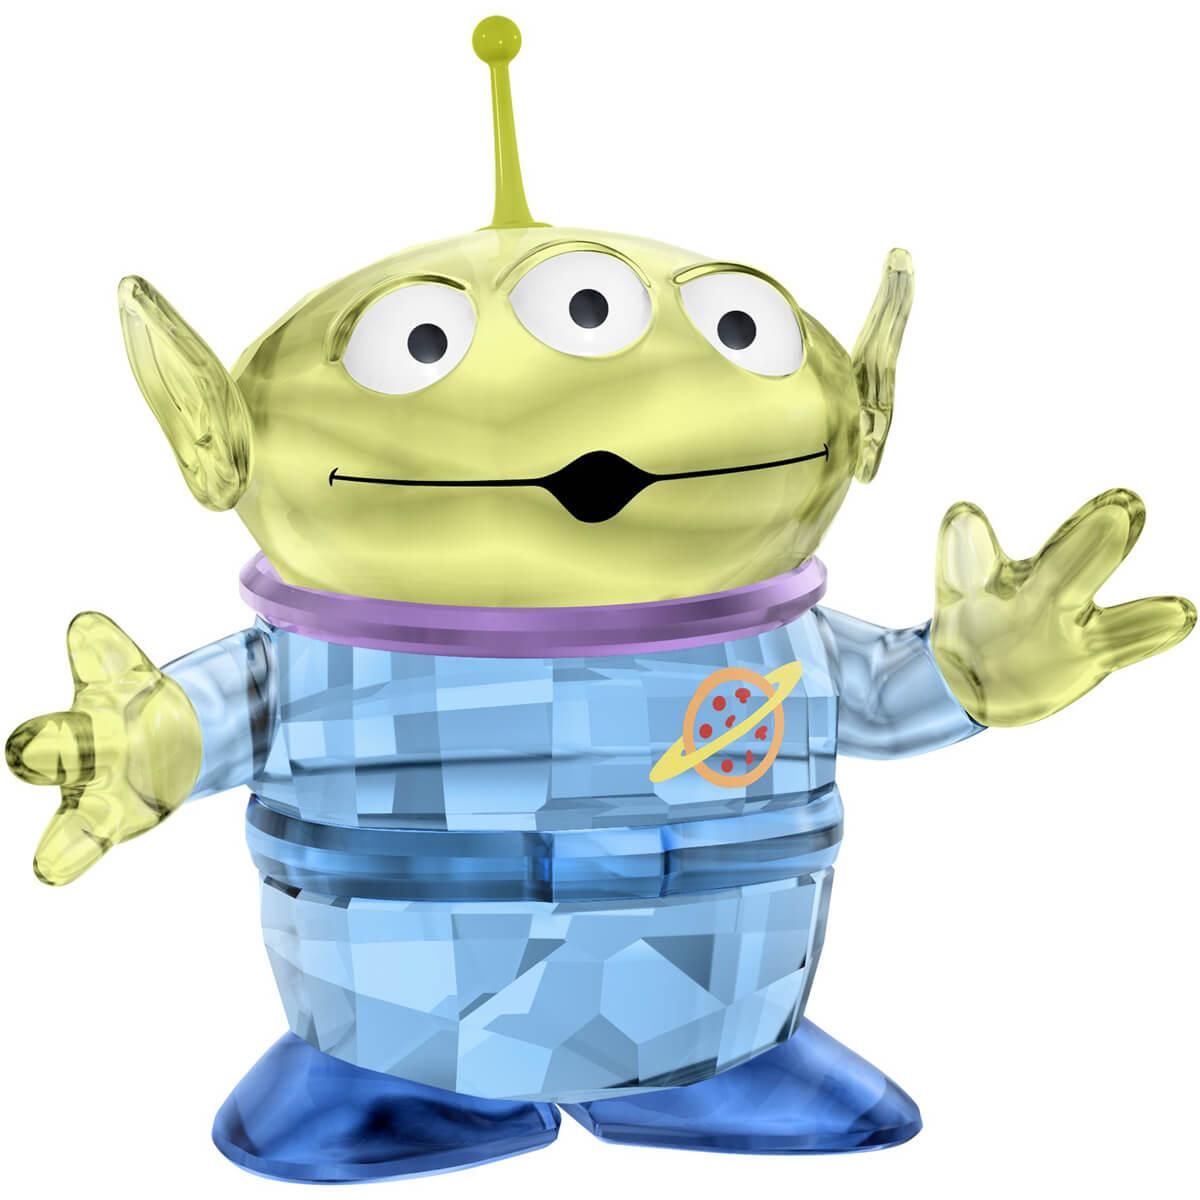 スワロフスキー(SWAROVSKI)トイ・ストーリー エイリアン/Disney Pixar's Toy Story/クリスタルオブジェ/スワロフスキー社製置物【あす楽対応_関東】